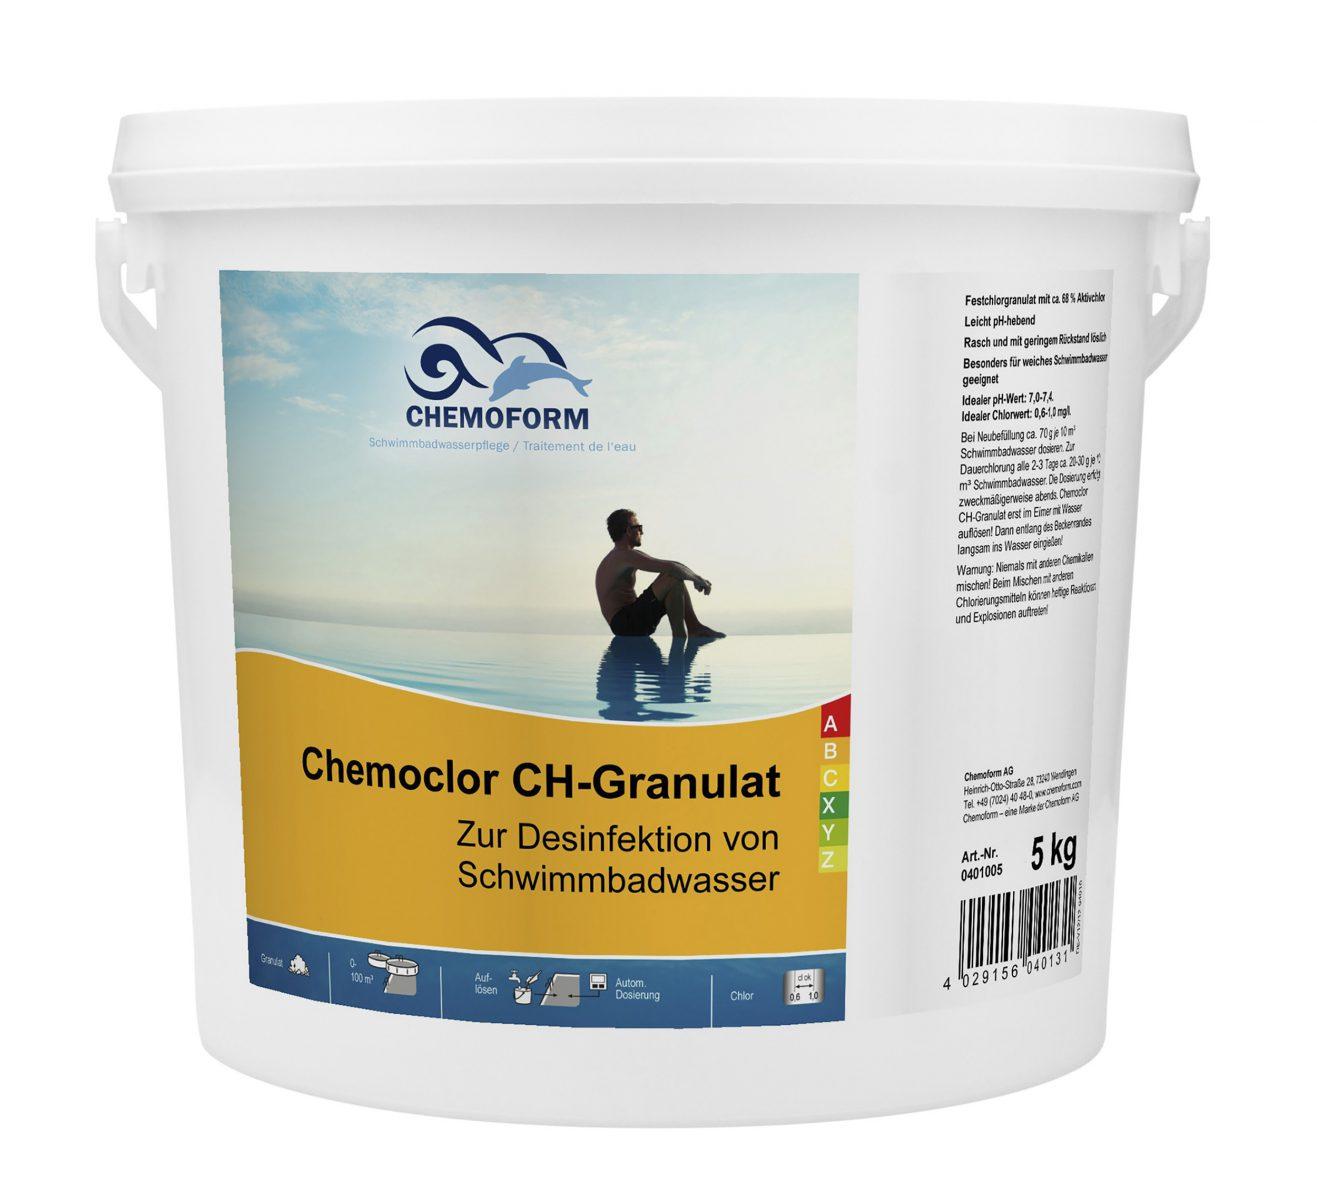 Хлор гранулированный для дезинфекции воды в бассейне и питьевой воды Кемохлор СН, 5 кг